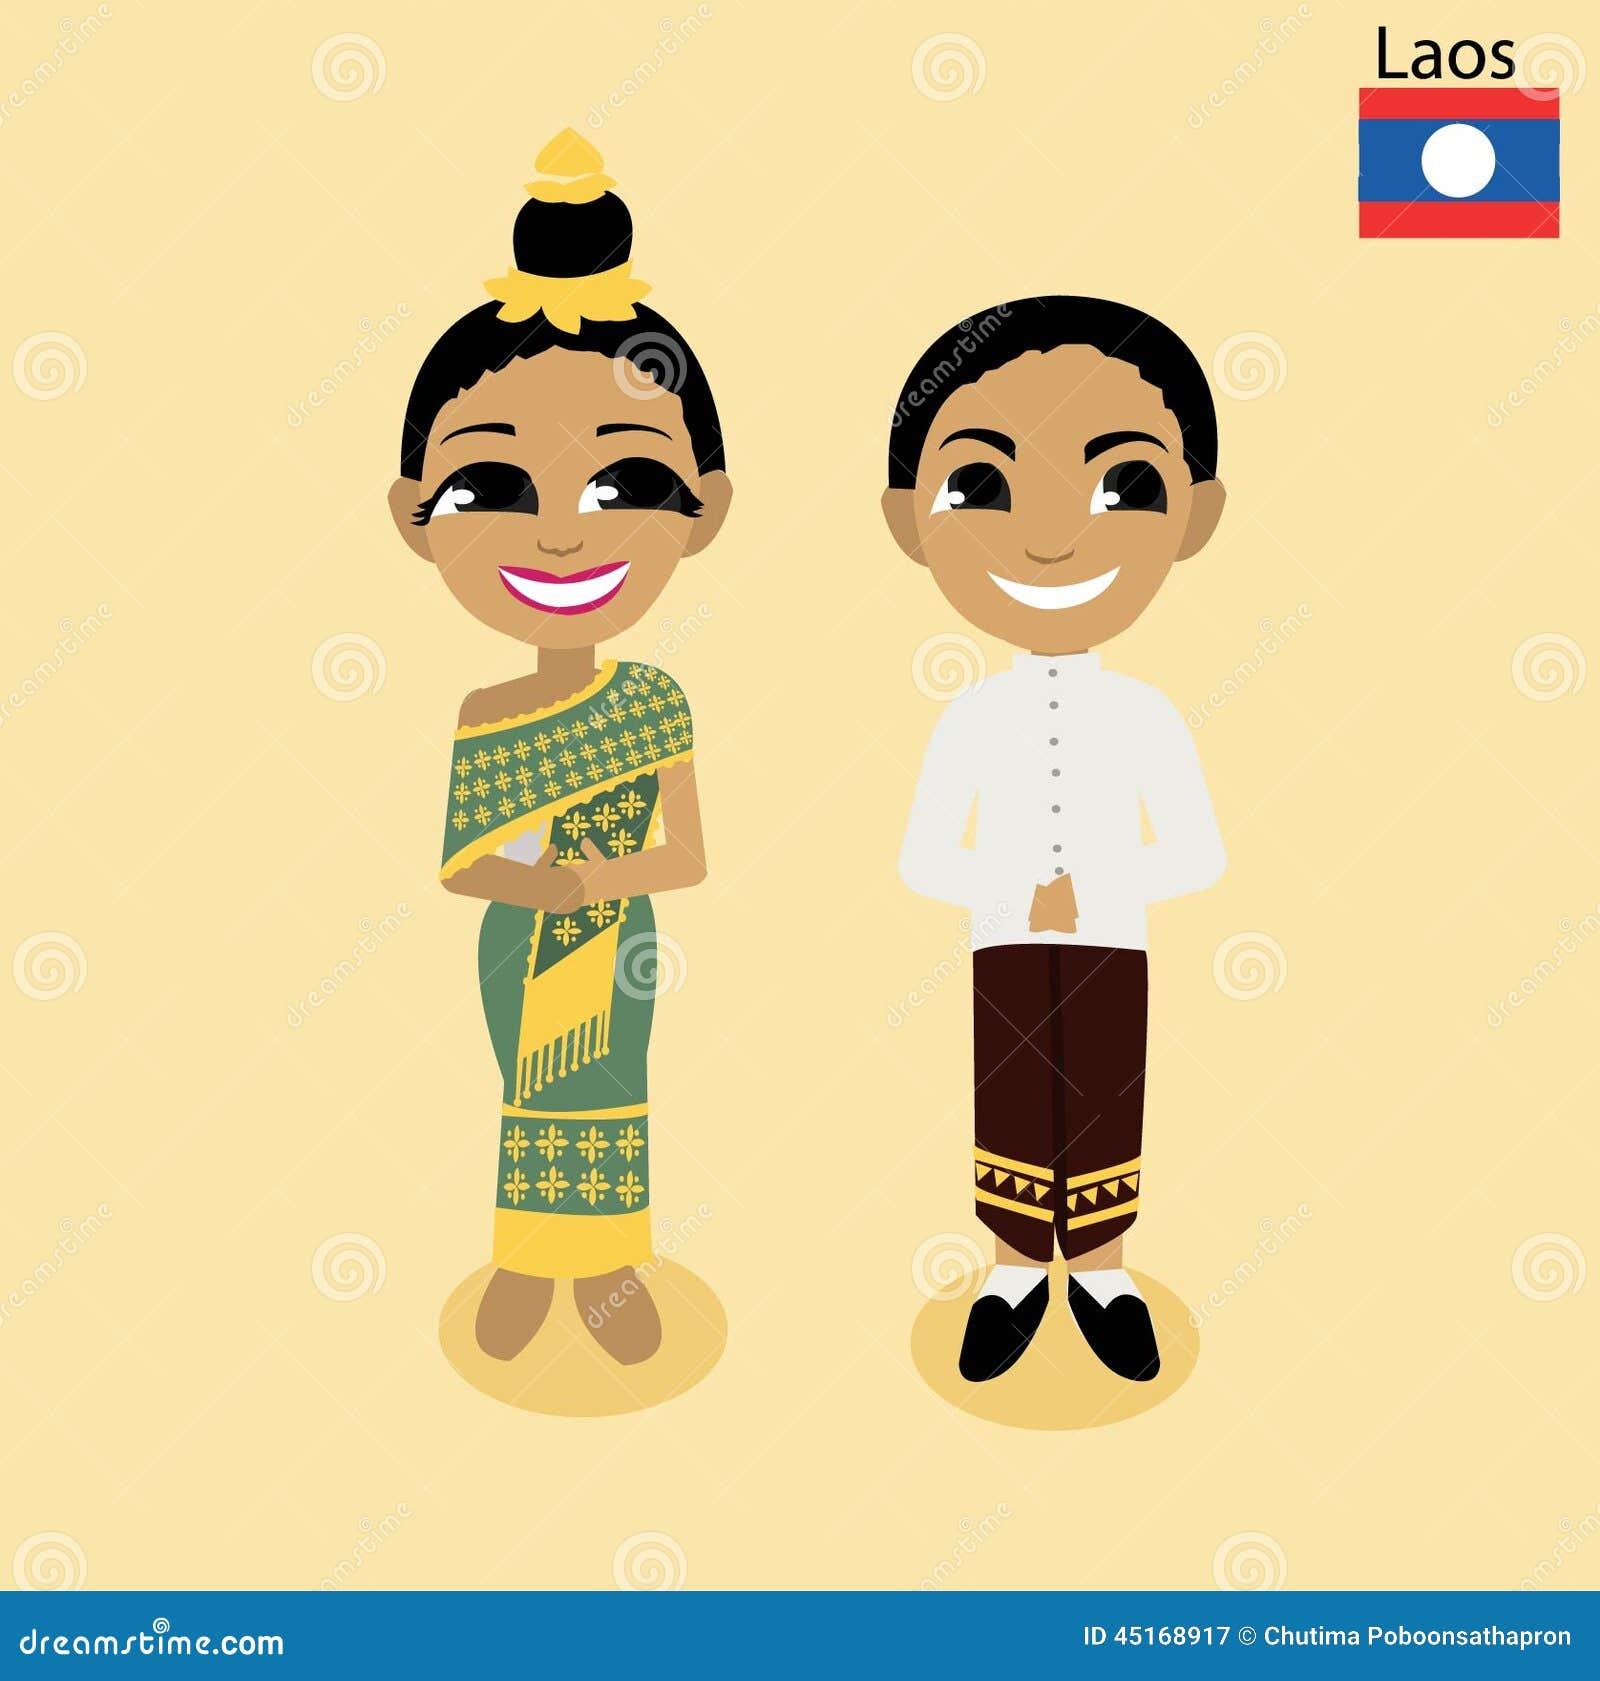 Cartoon Asean Laos Stock Vector Image 45168917